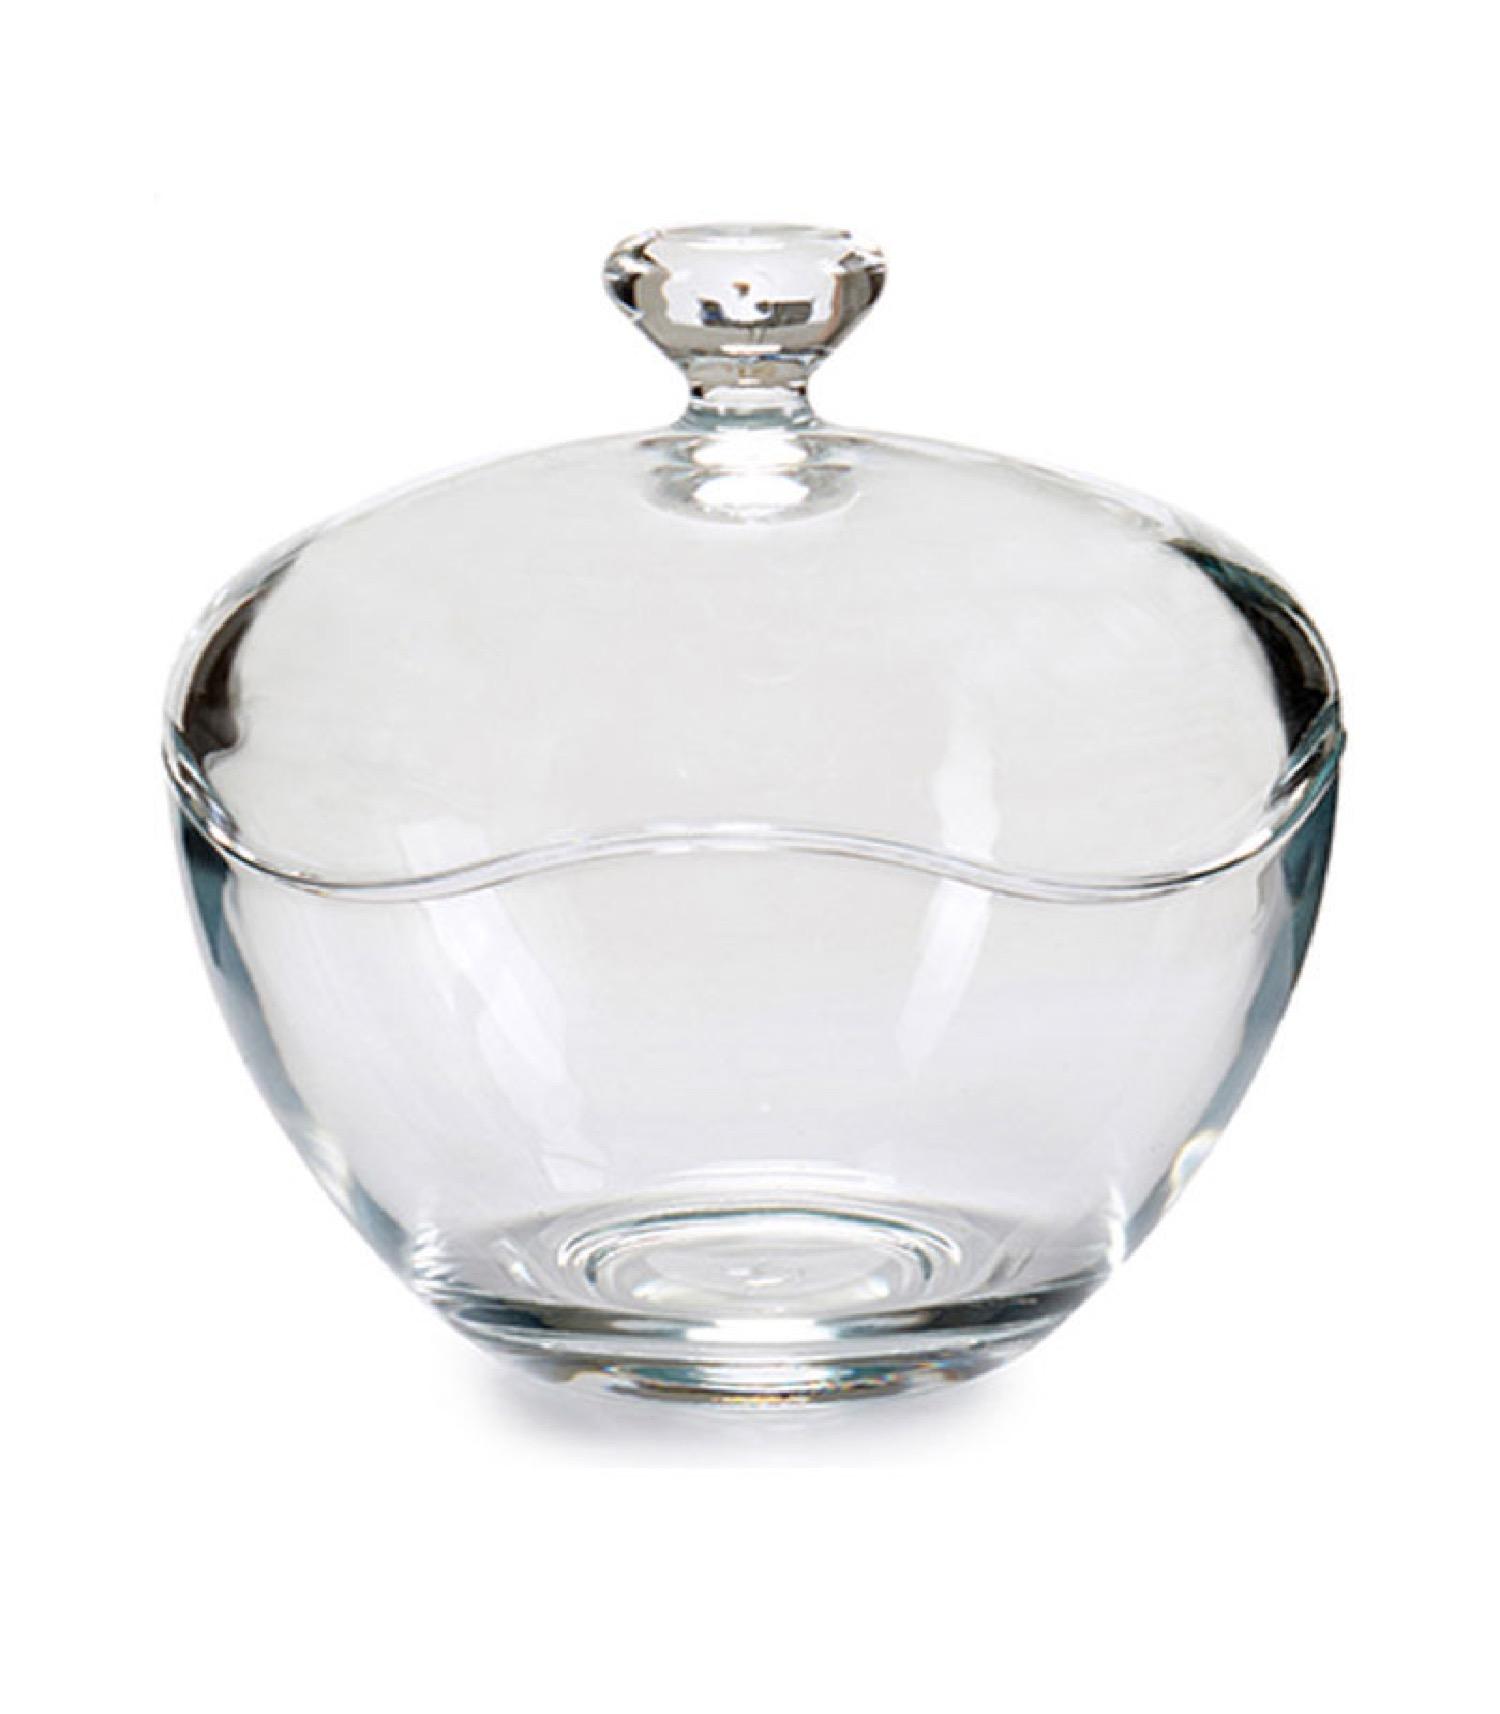 Petite bonbonnière en verre classique ronde